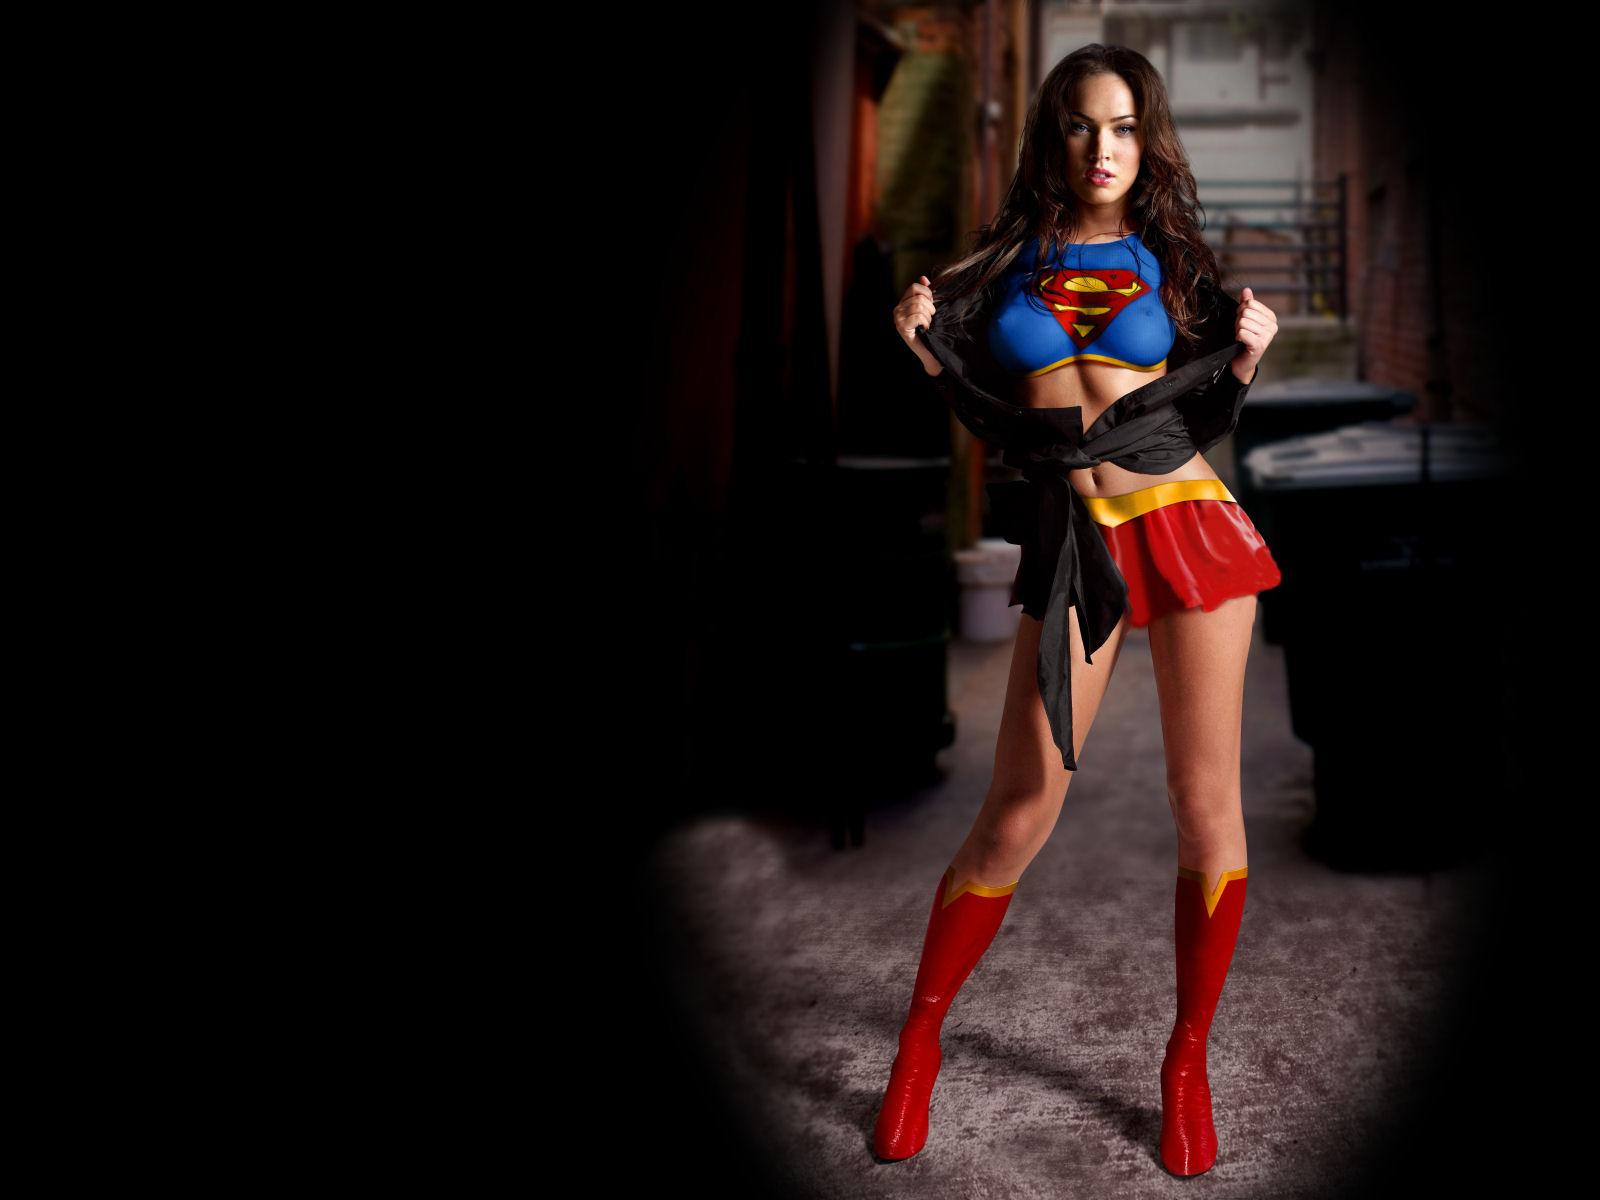 http://2.bp.blogspot.com/_JU_j7jj5TjU/TSDgz3AB3RI/AAAAAAAAAts/Vx6flumd0CE/s1600/Megan-Fox-Supera-014-1600.jpg